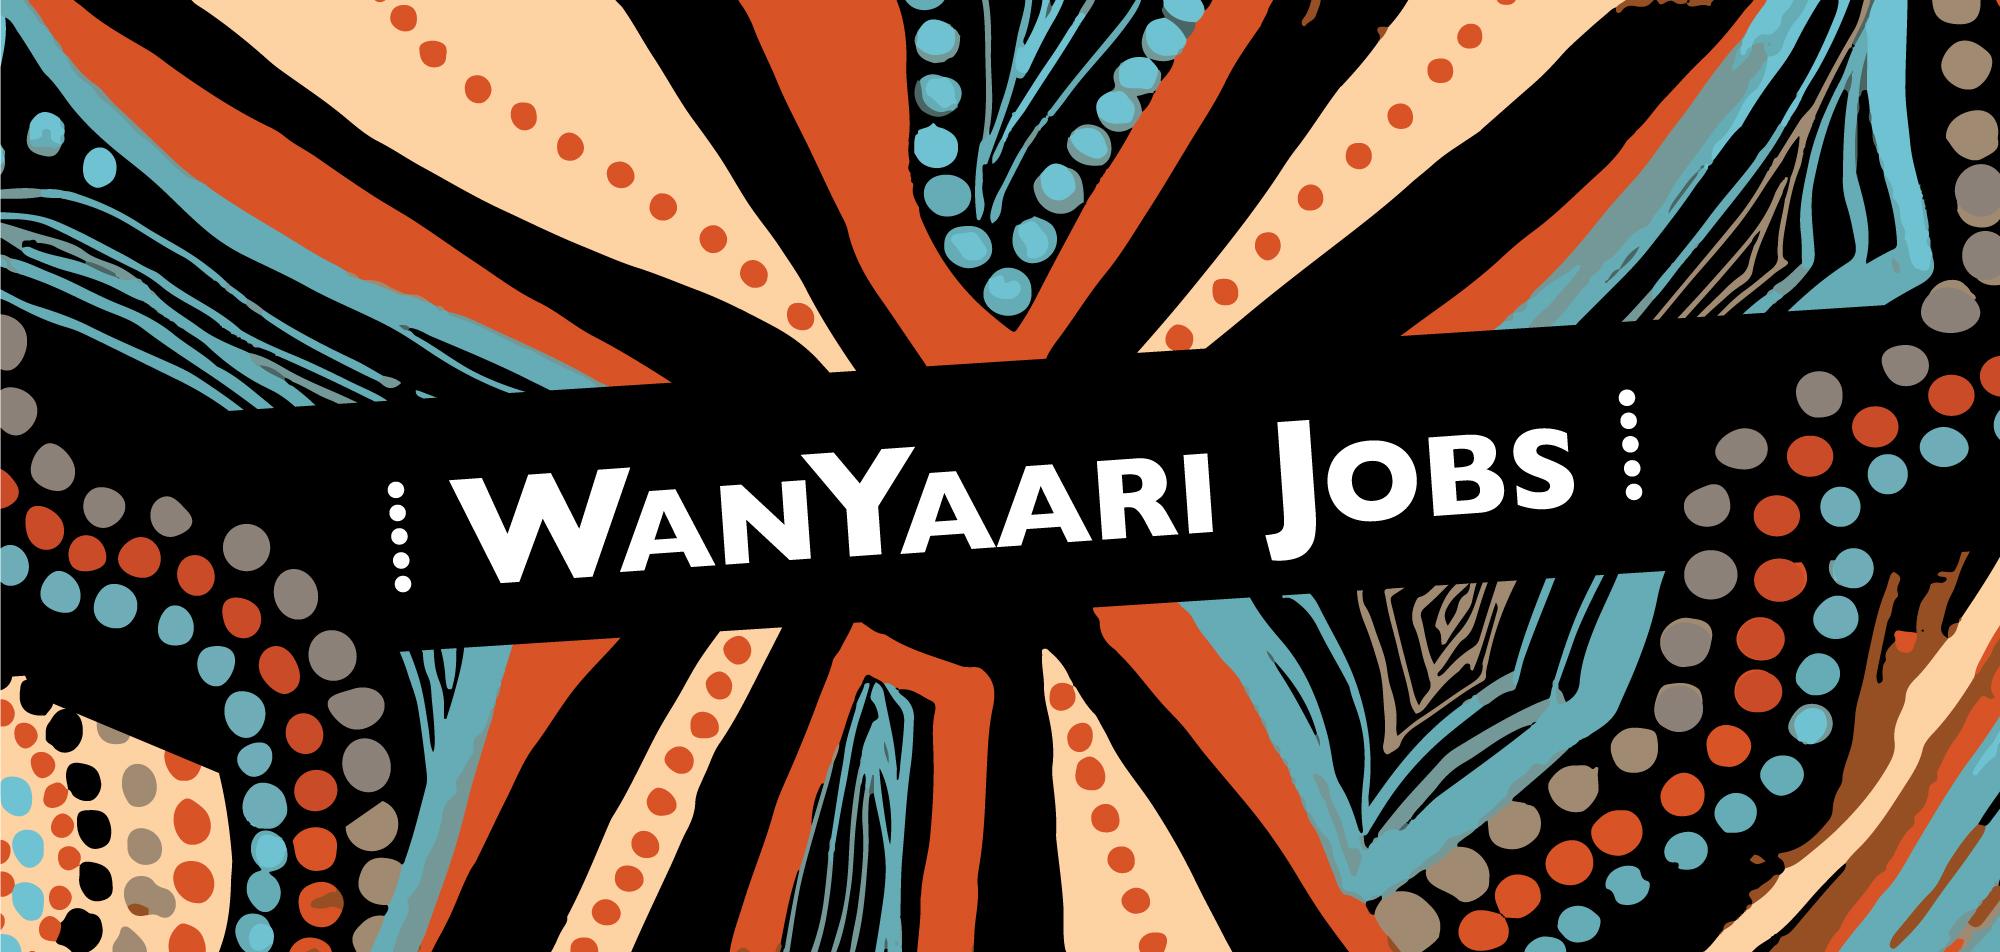 Wanyaari Jobs